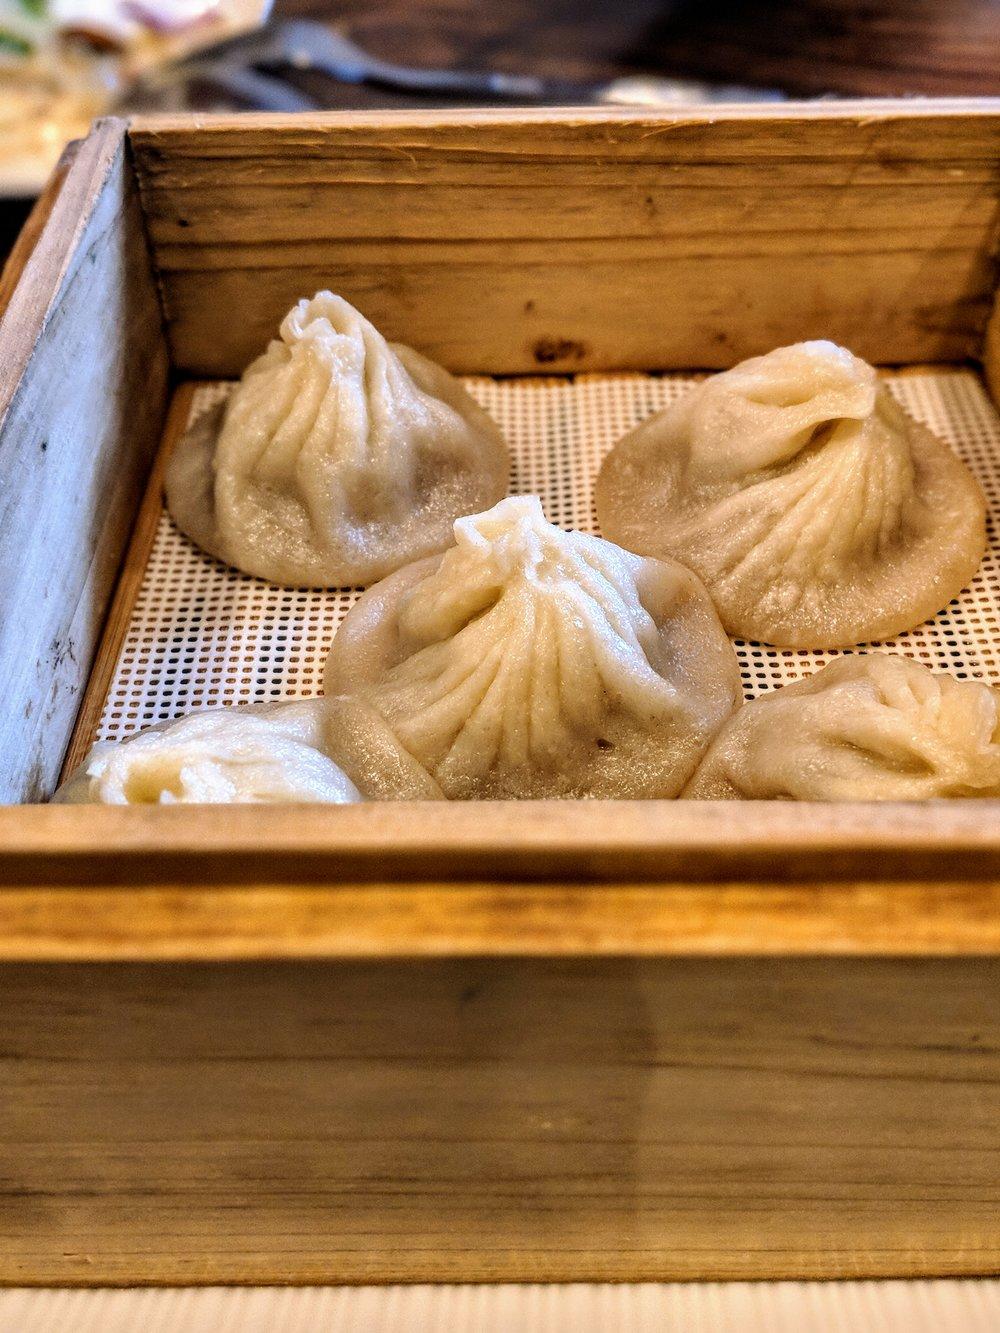 Soup dumplings at Lin Asian Bar